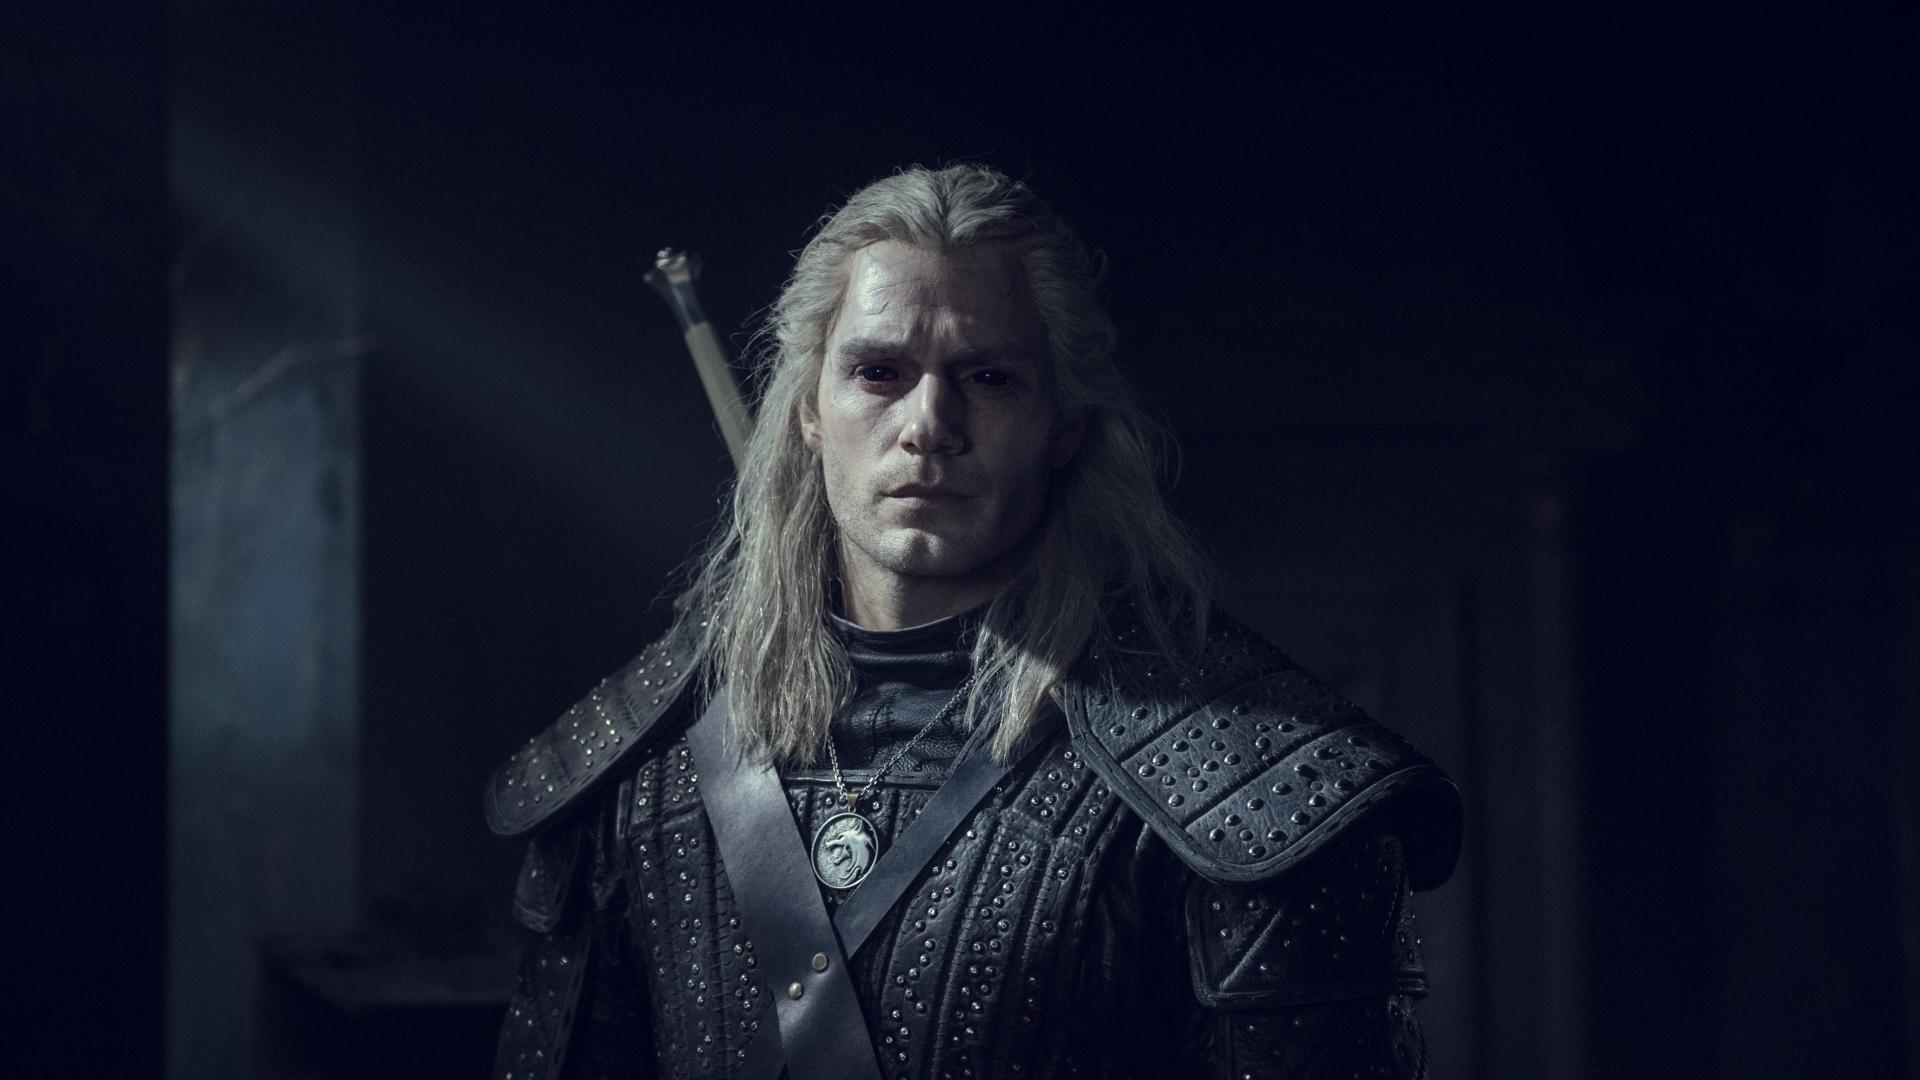 СМИ: во 2 сезоне «Ведьмака» от Netflix появится «один из ужаснейших монстров» из Witcher 3